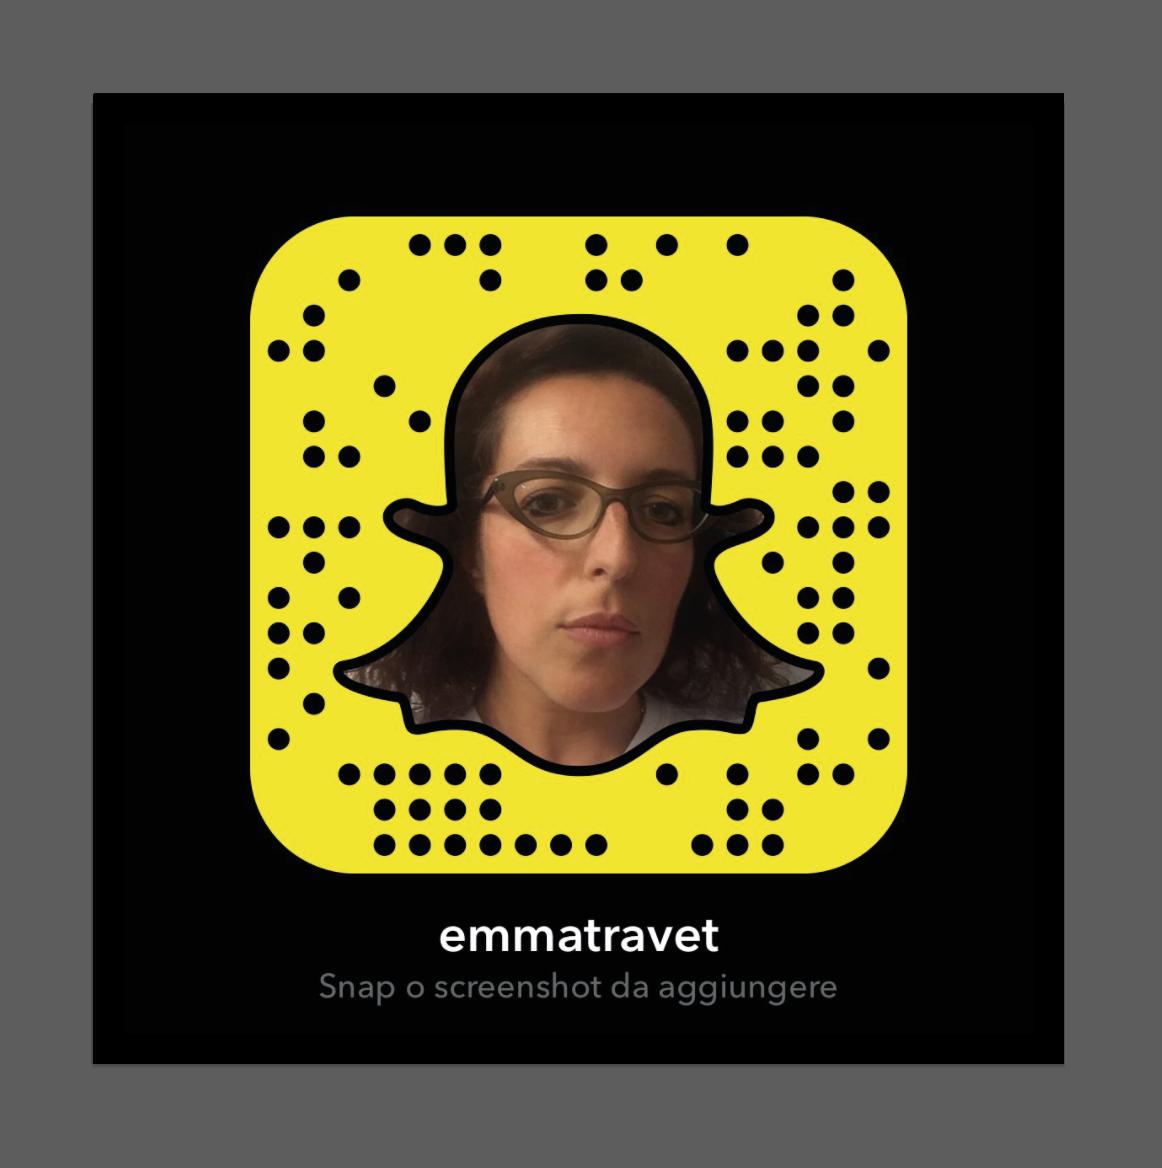 snapchatcode emma travet